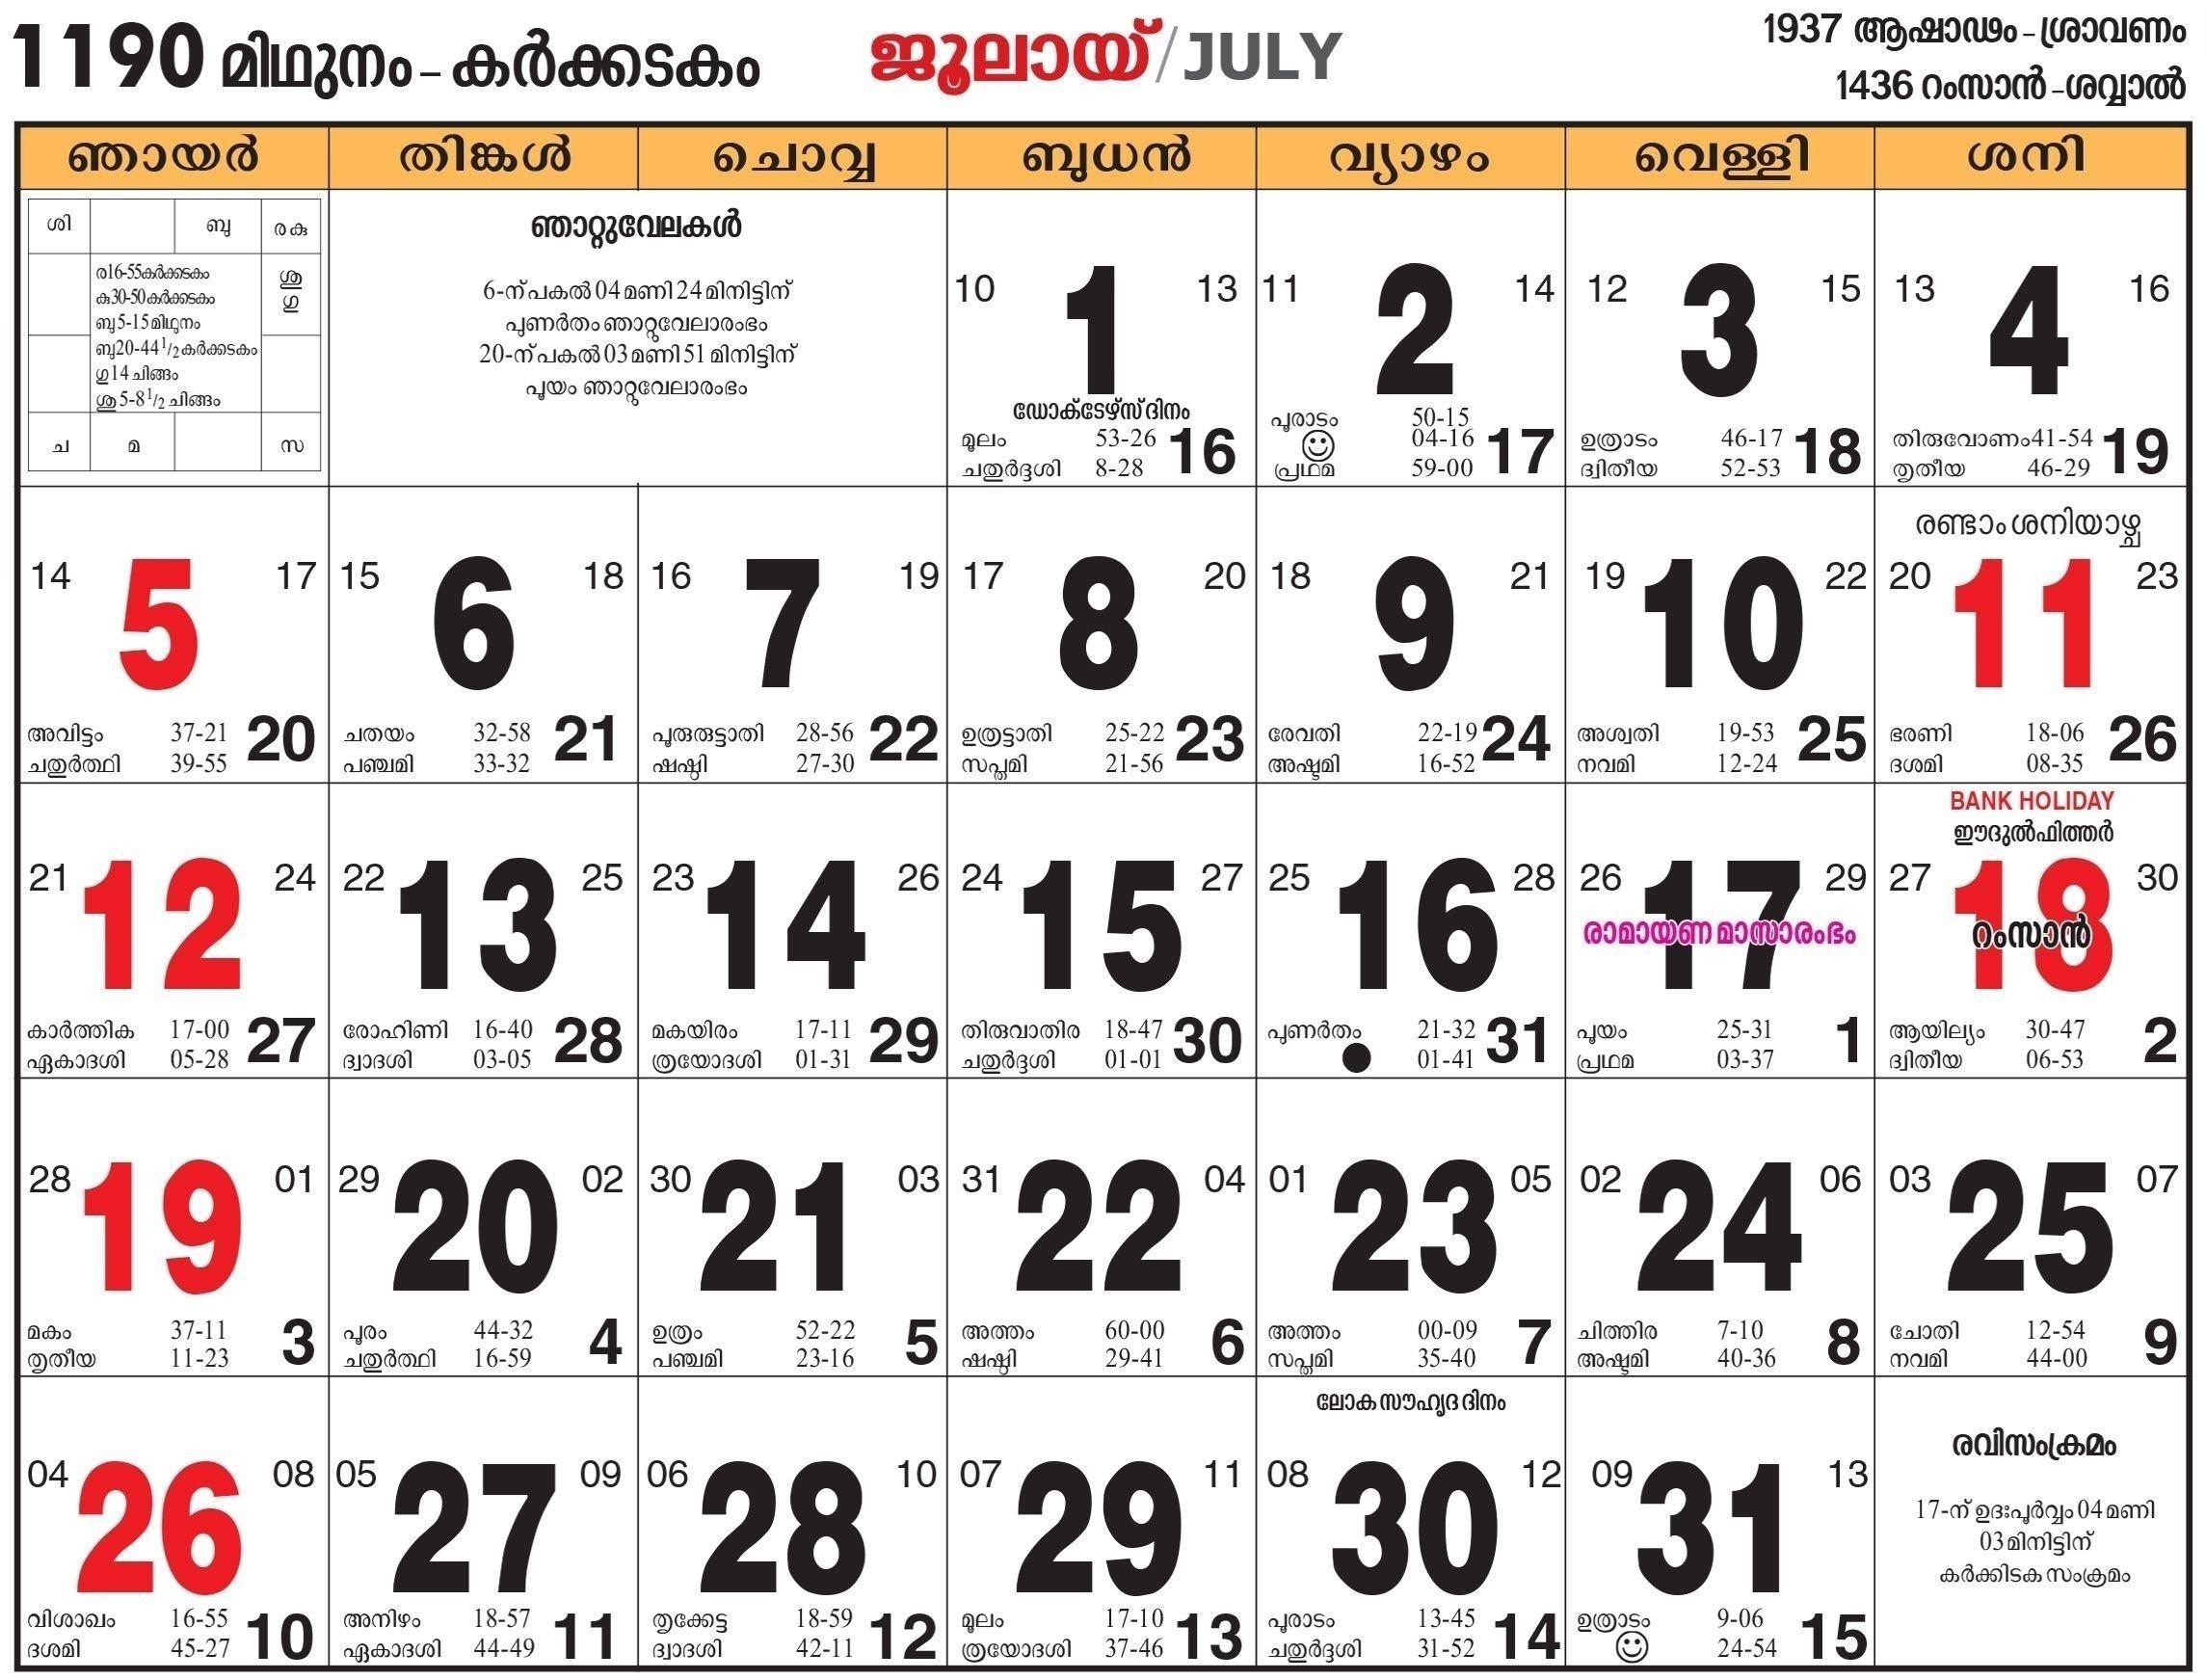 Malayala Manorama Calendar 2017 | Calendar For Planning  Malayala Manorama Clendar